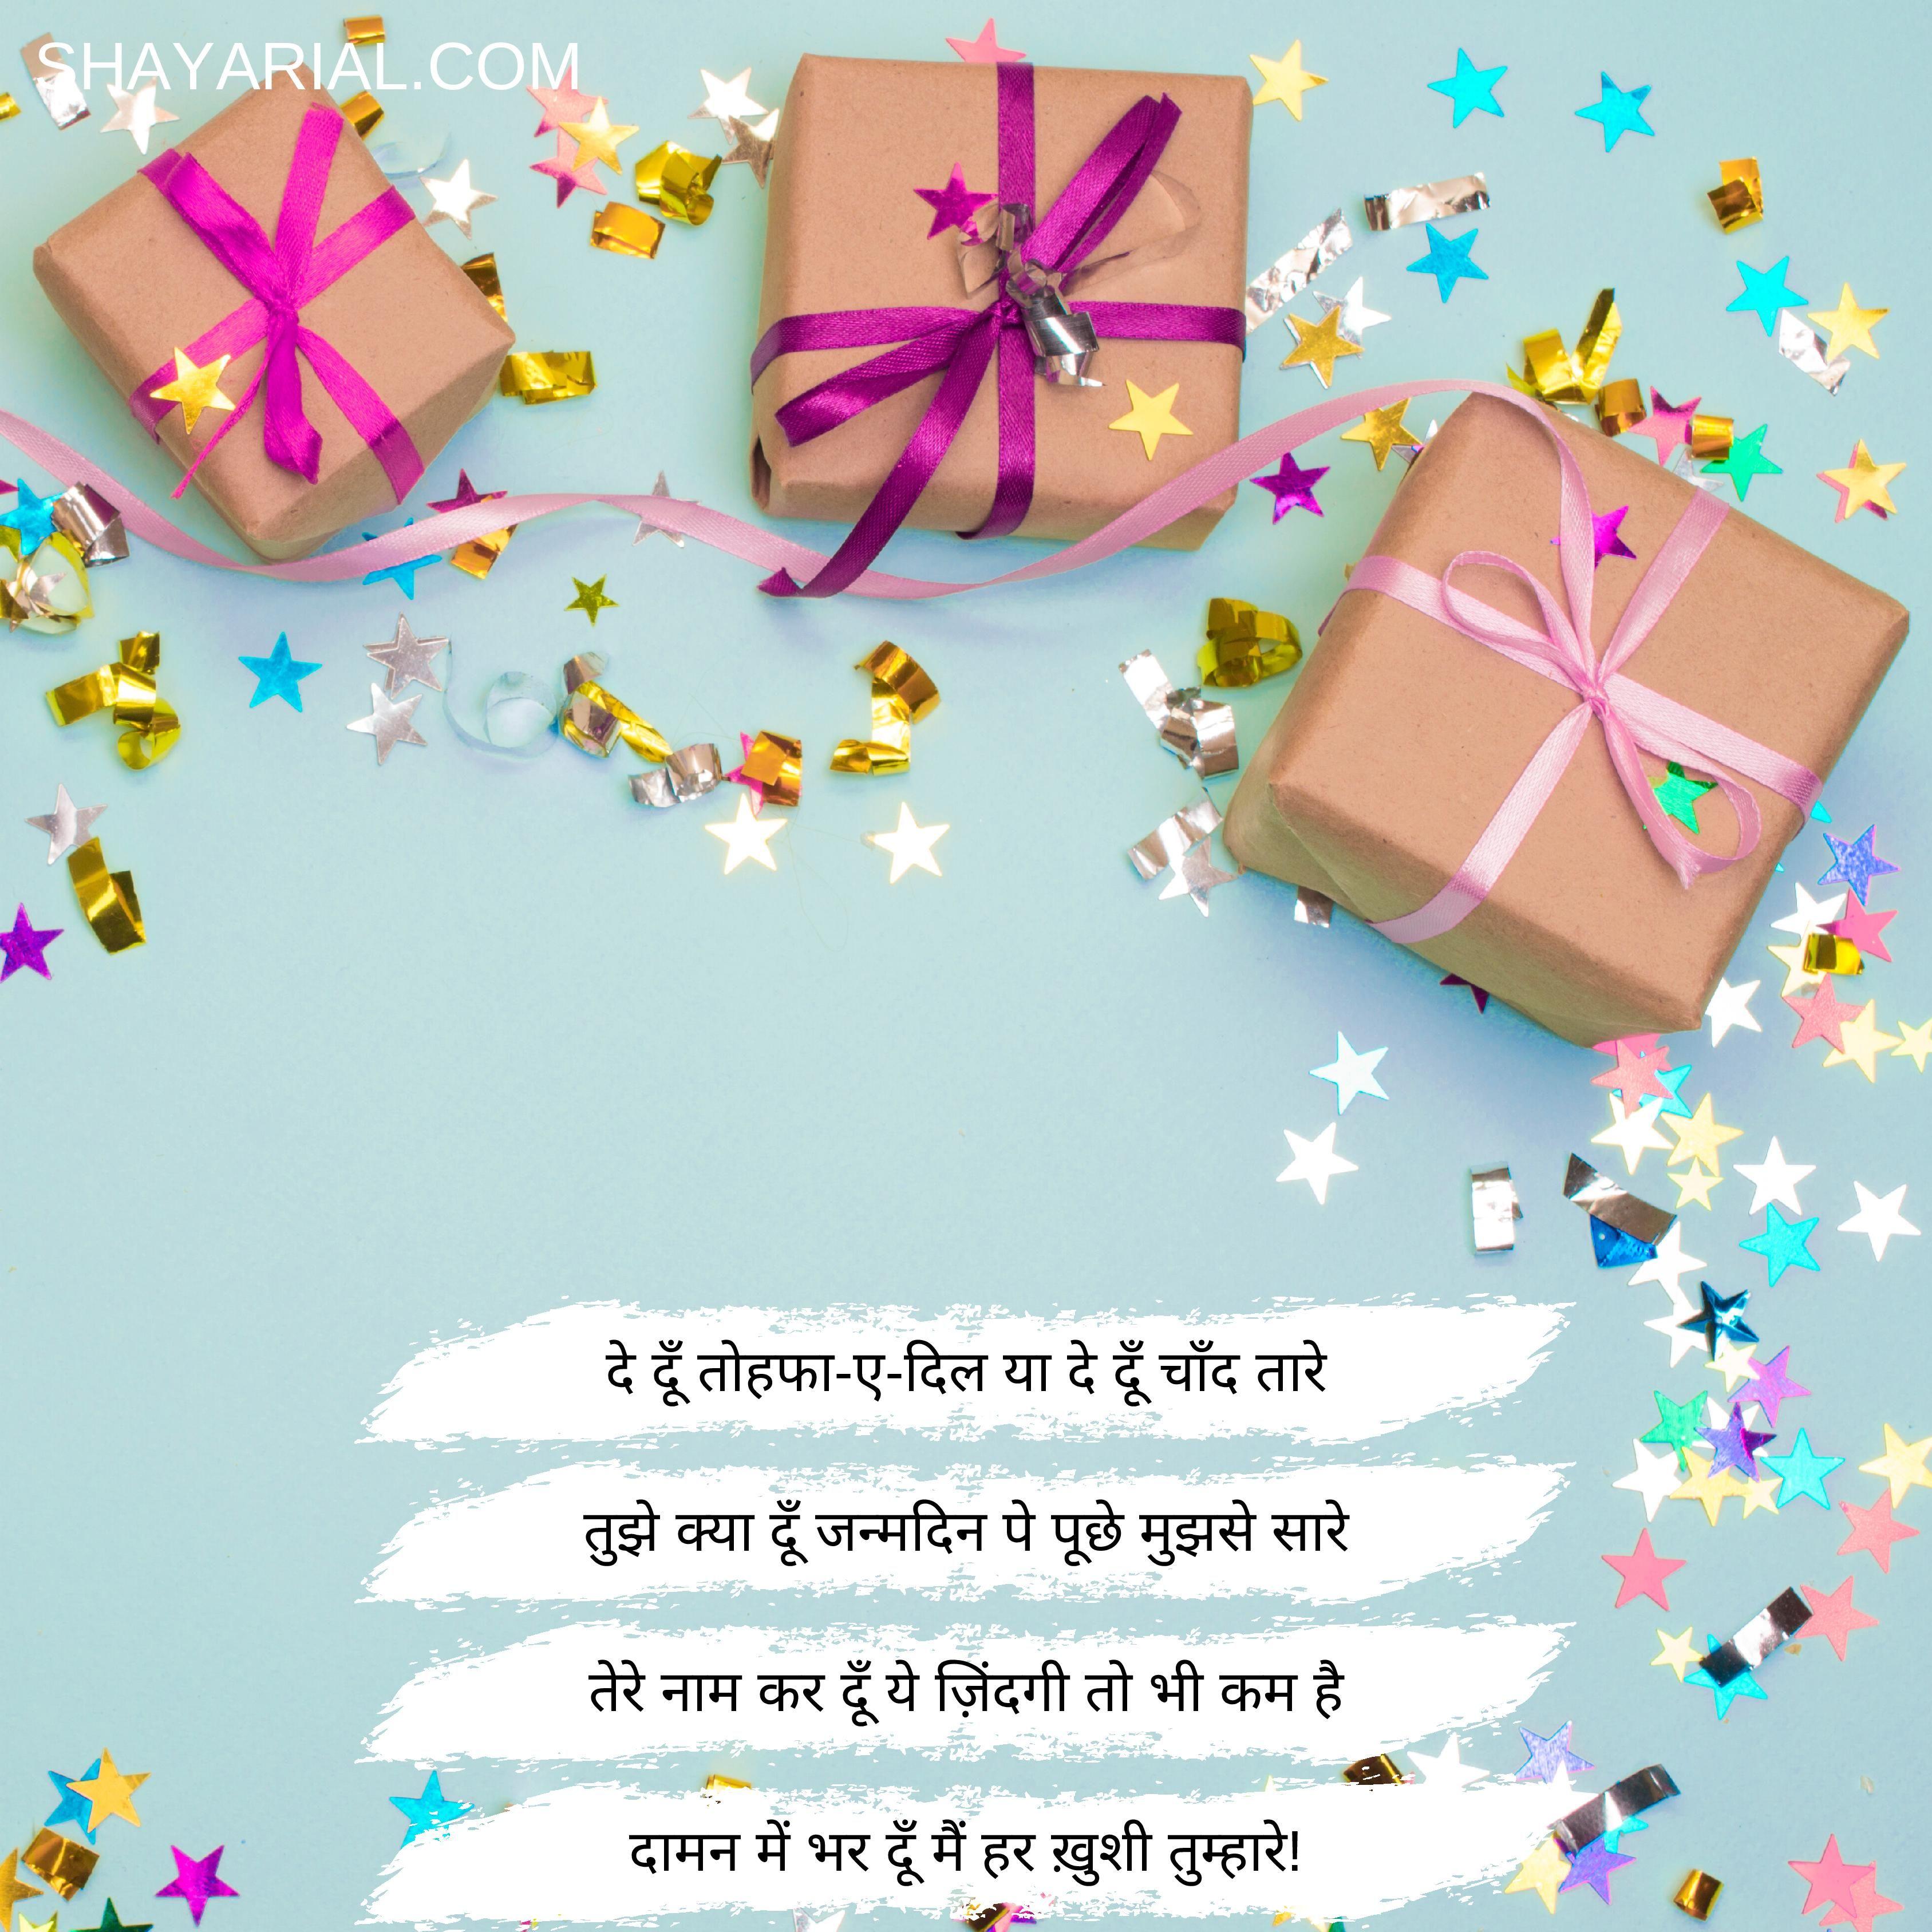 Shayari On Birthday 2020 in 2020 Birthday wishes